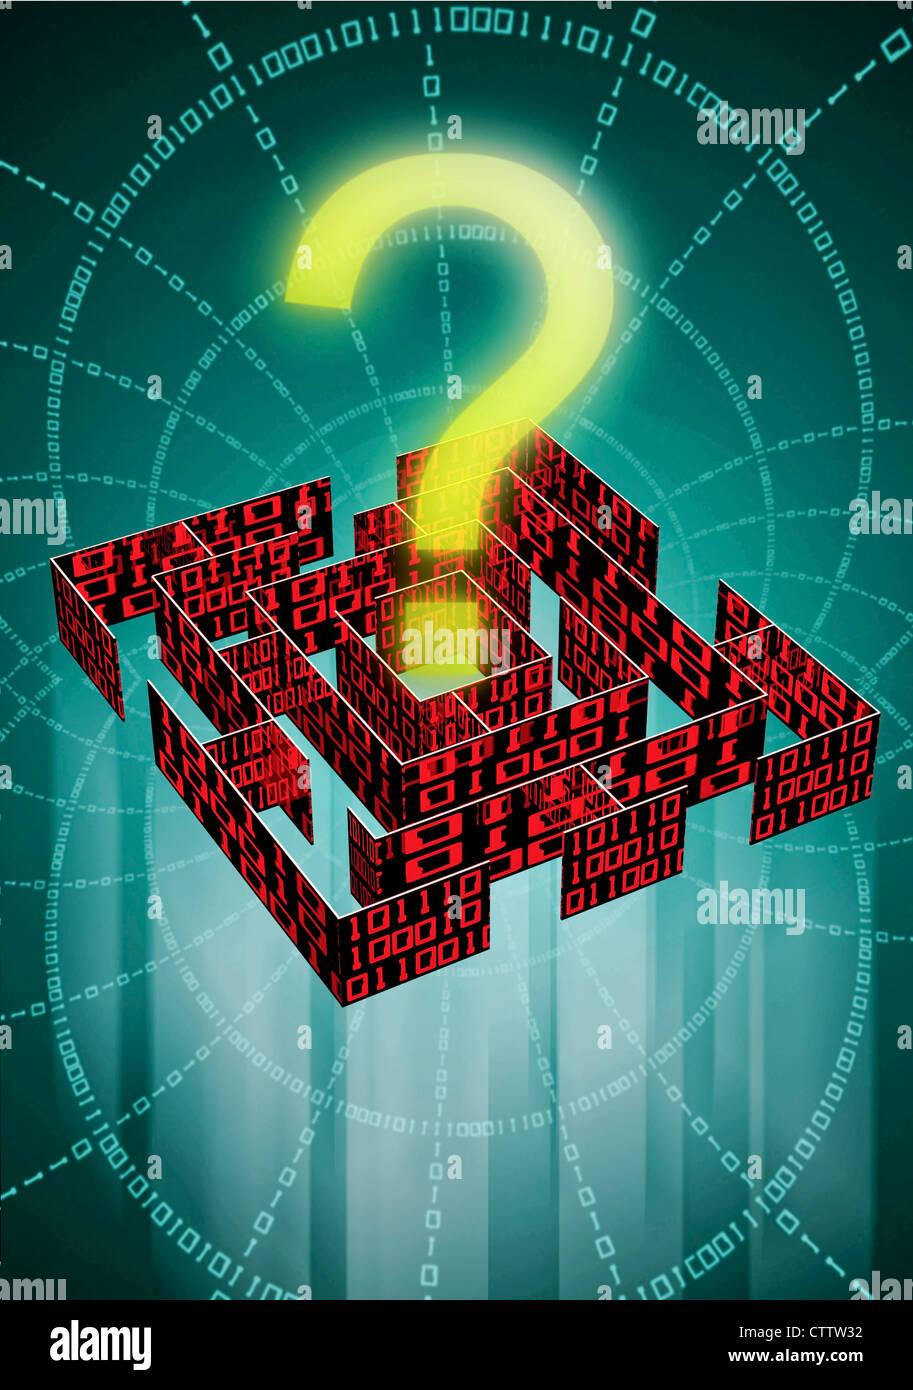 Labyrinth mit Fragezeichen und Datenkolonnen - Stock Image